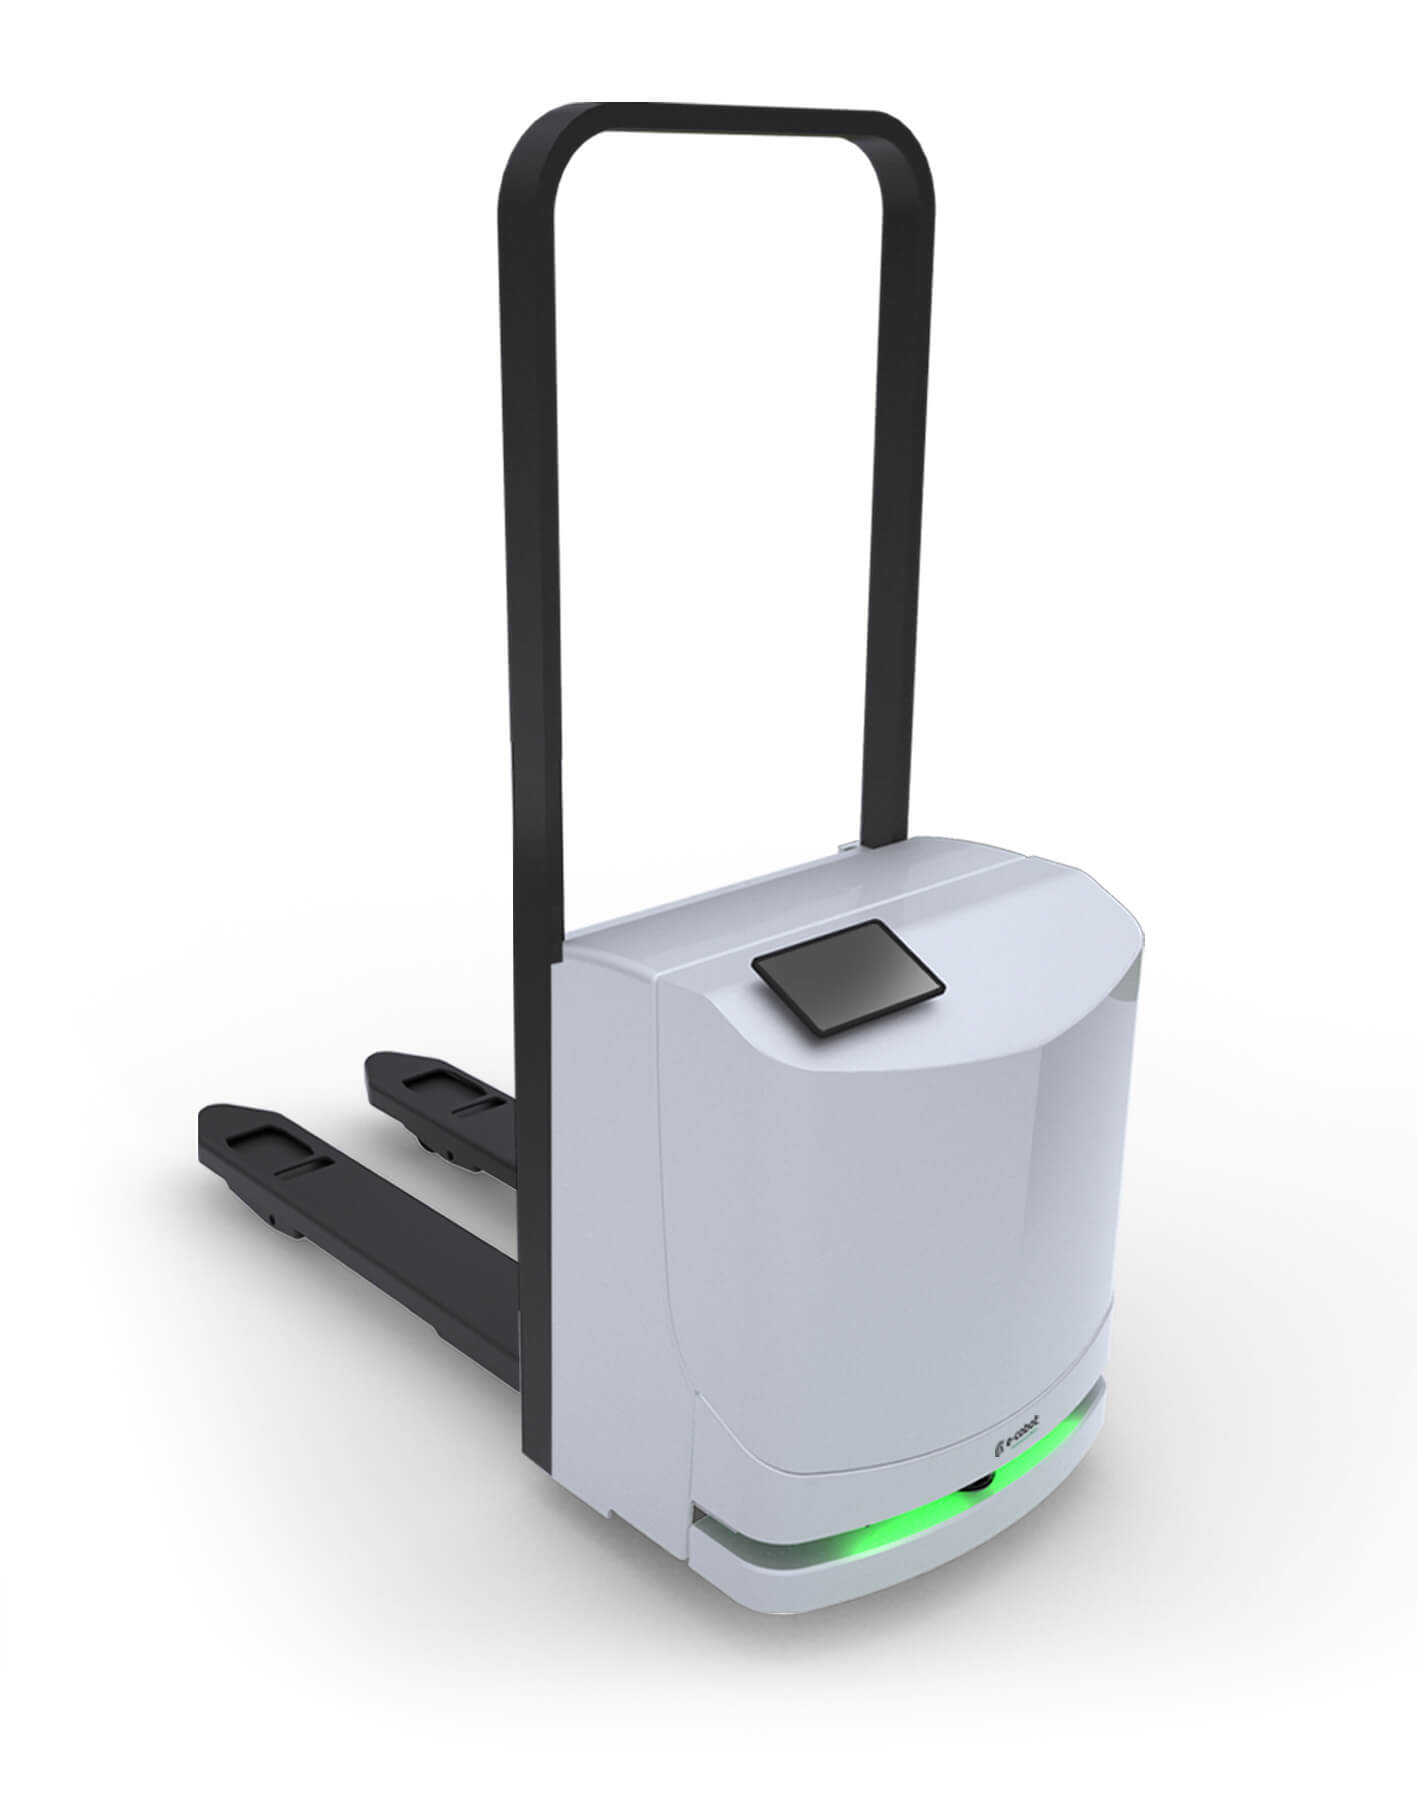 smartpal-robot-mobile-transpalette-autonome-intelligent